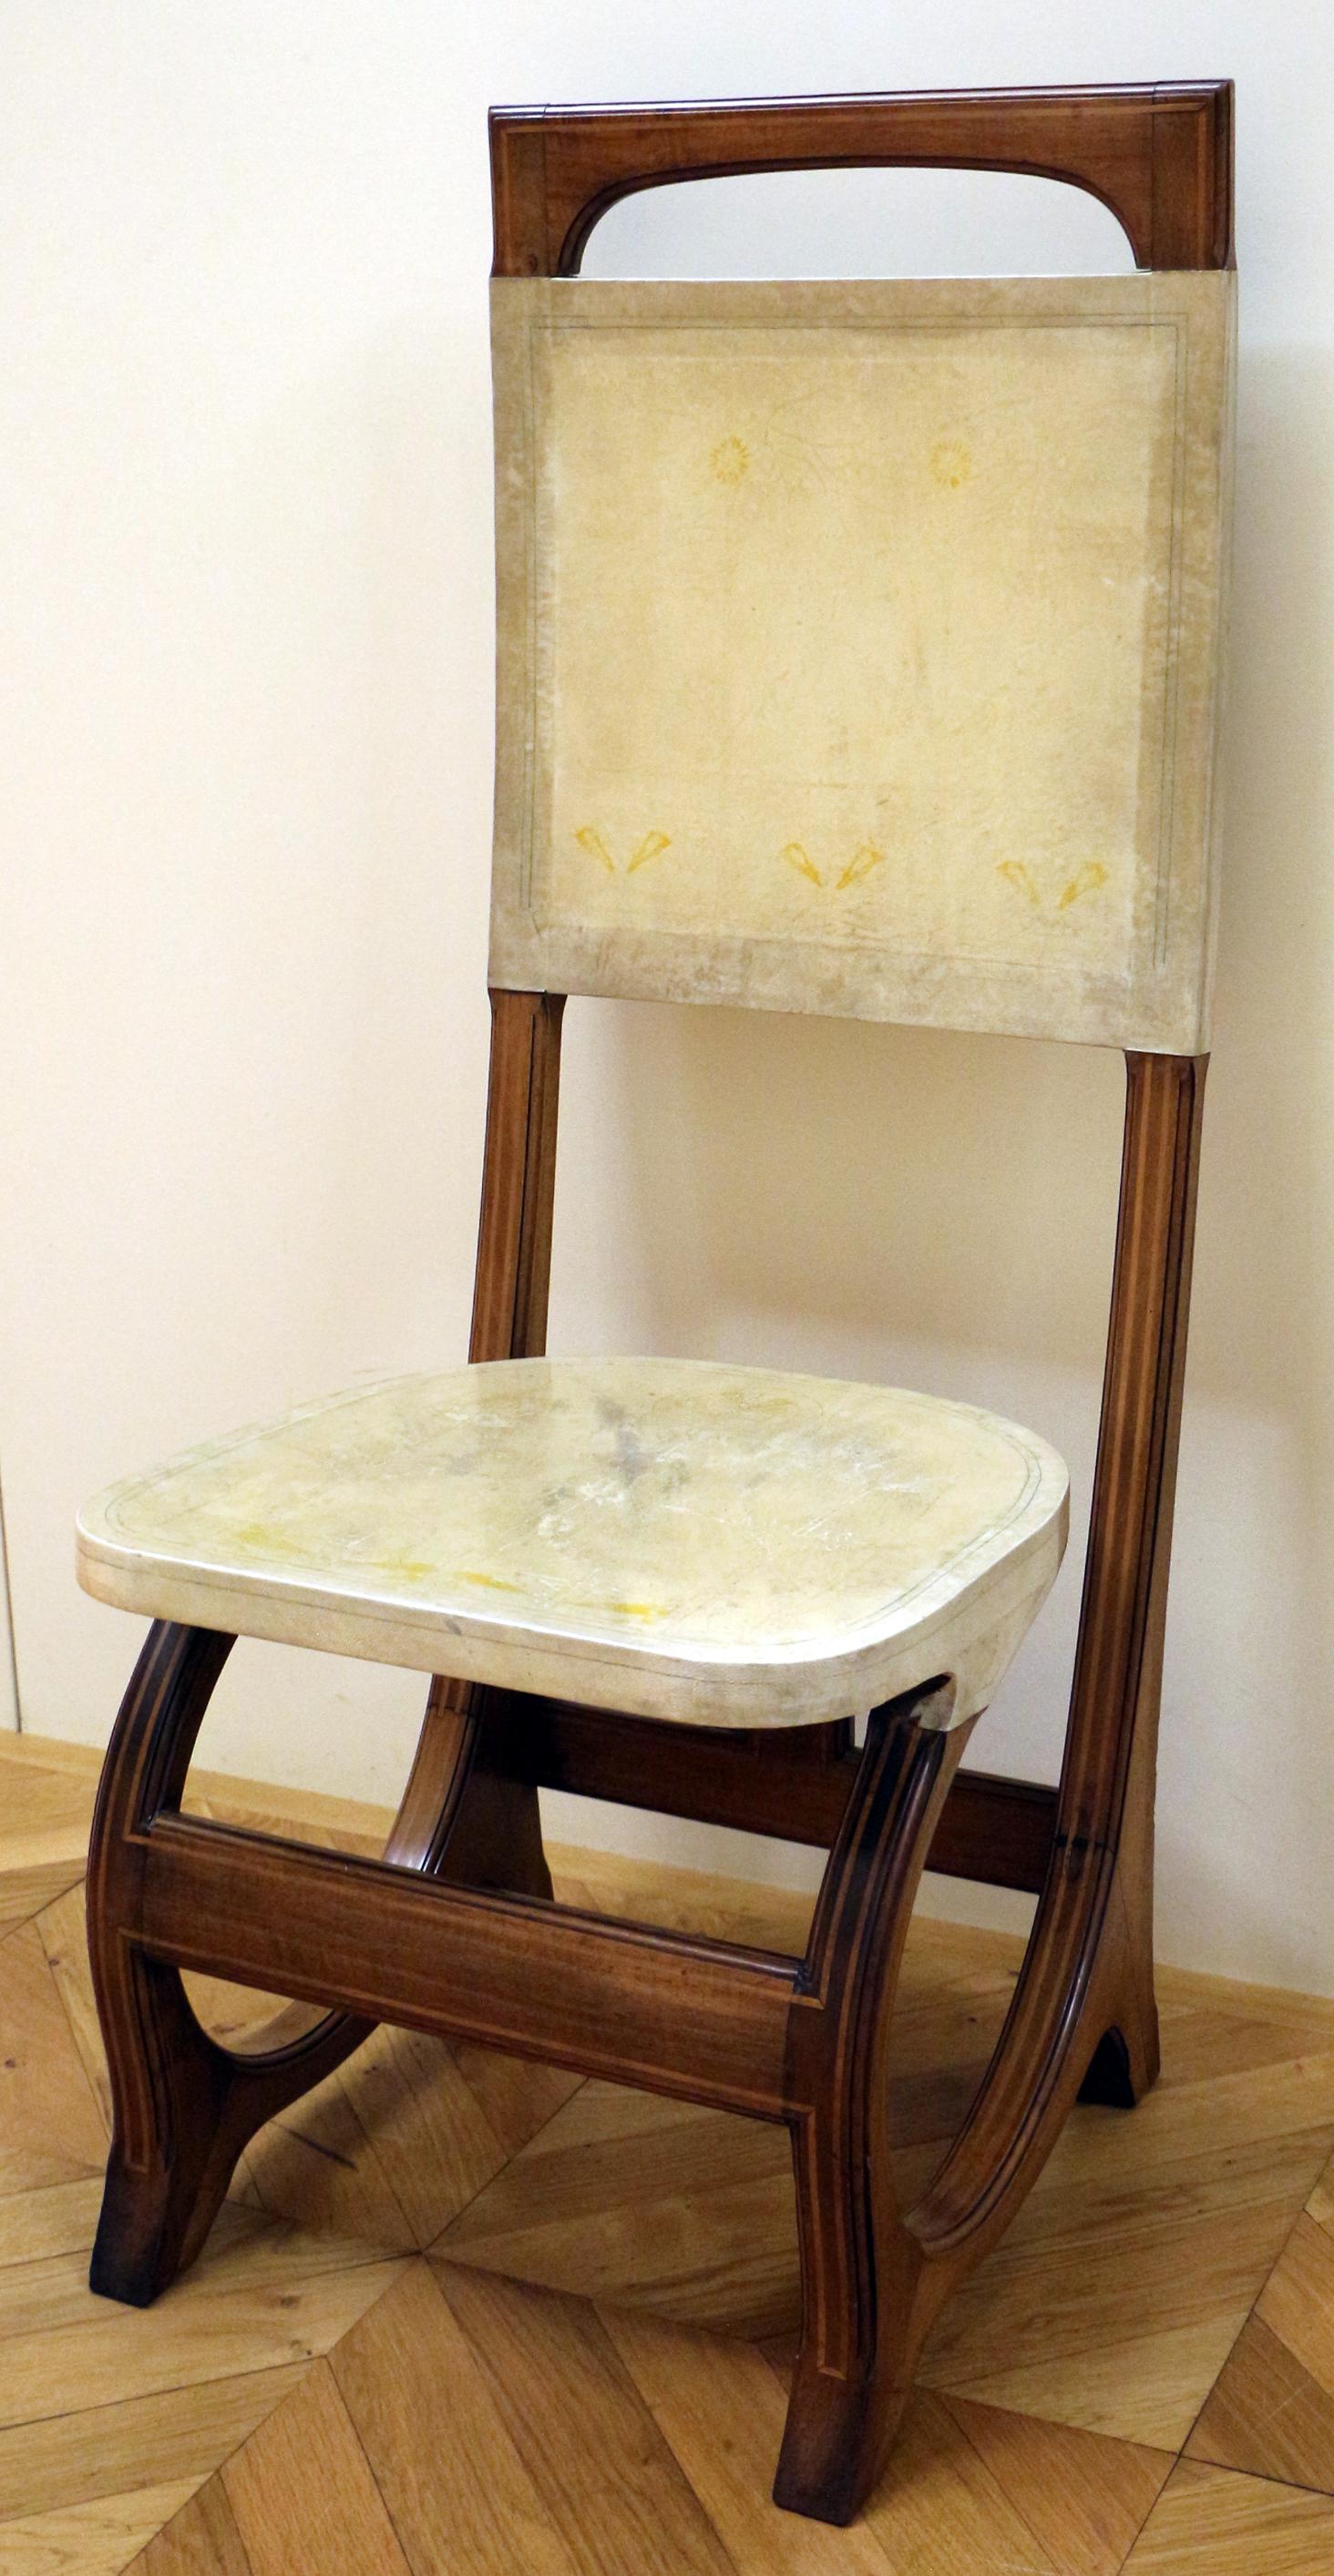 File carlo bugatti coppia di sedie da sala da pranzo - Sedie da sala da pranzo ...